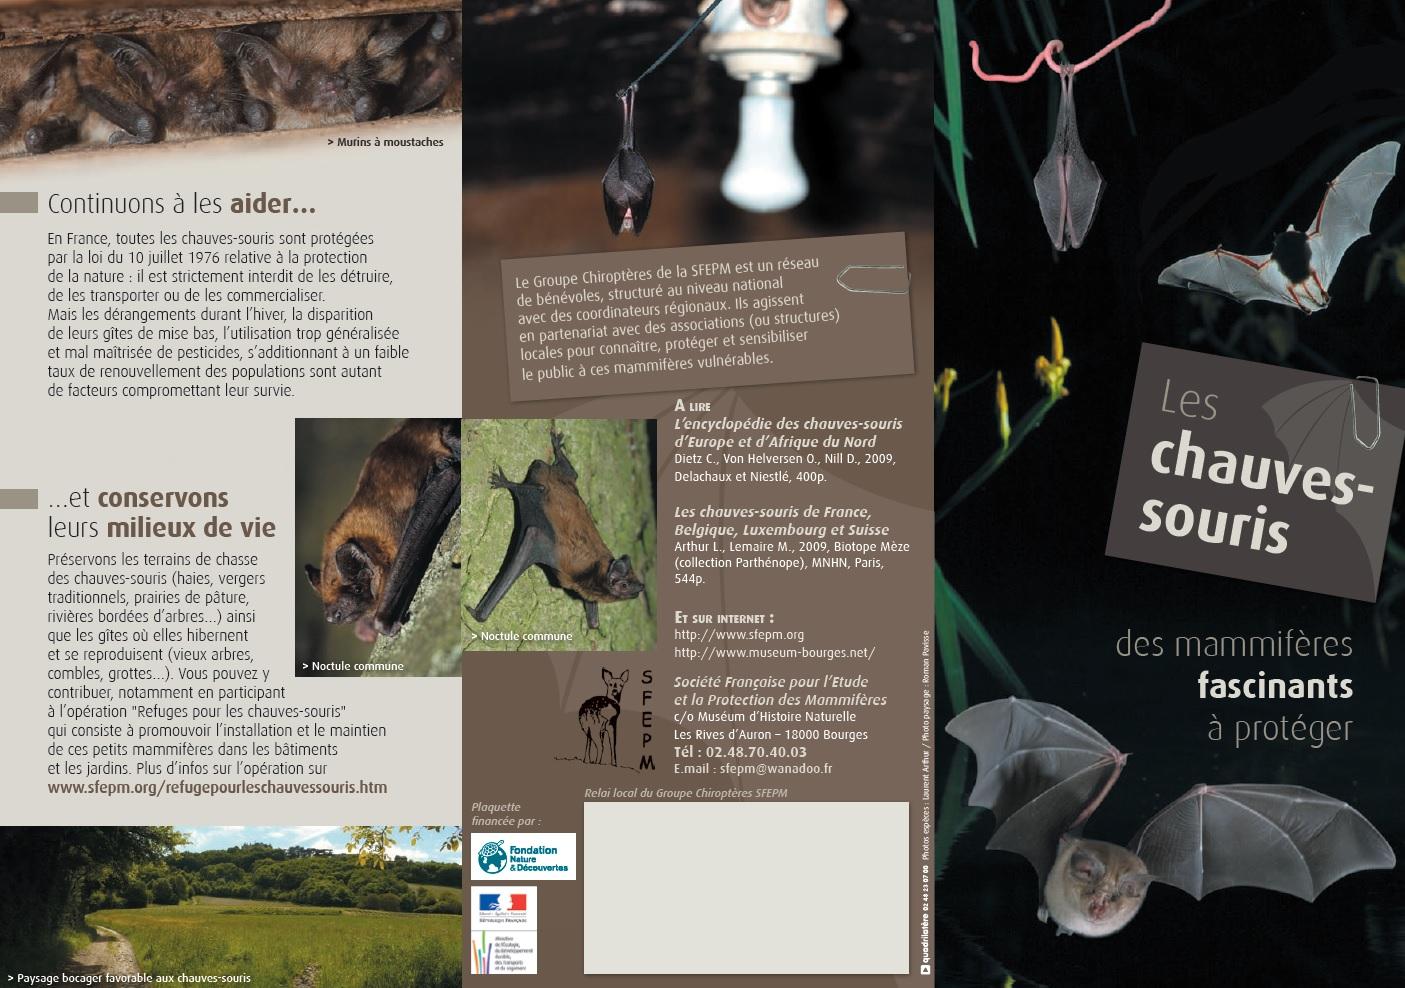 Gestation Chauve Souris breuillet nature: les chauves-souris